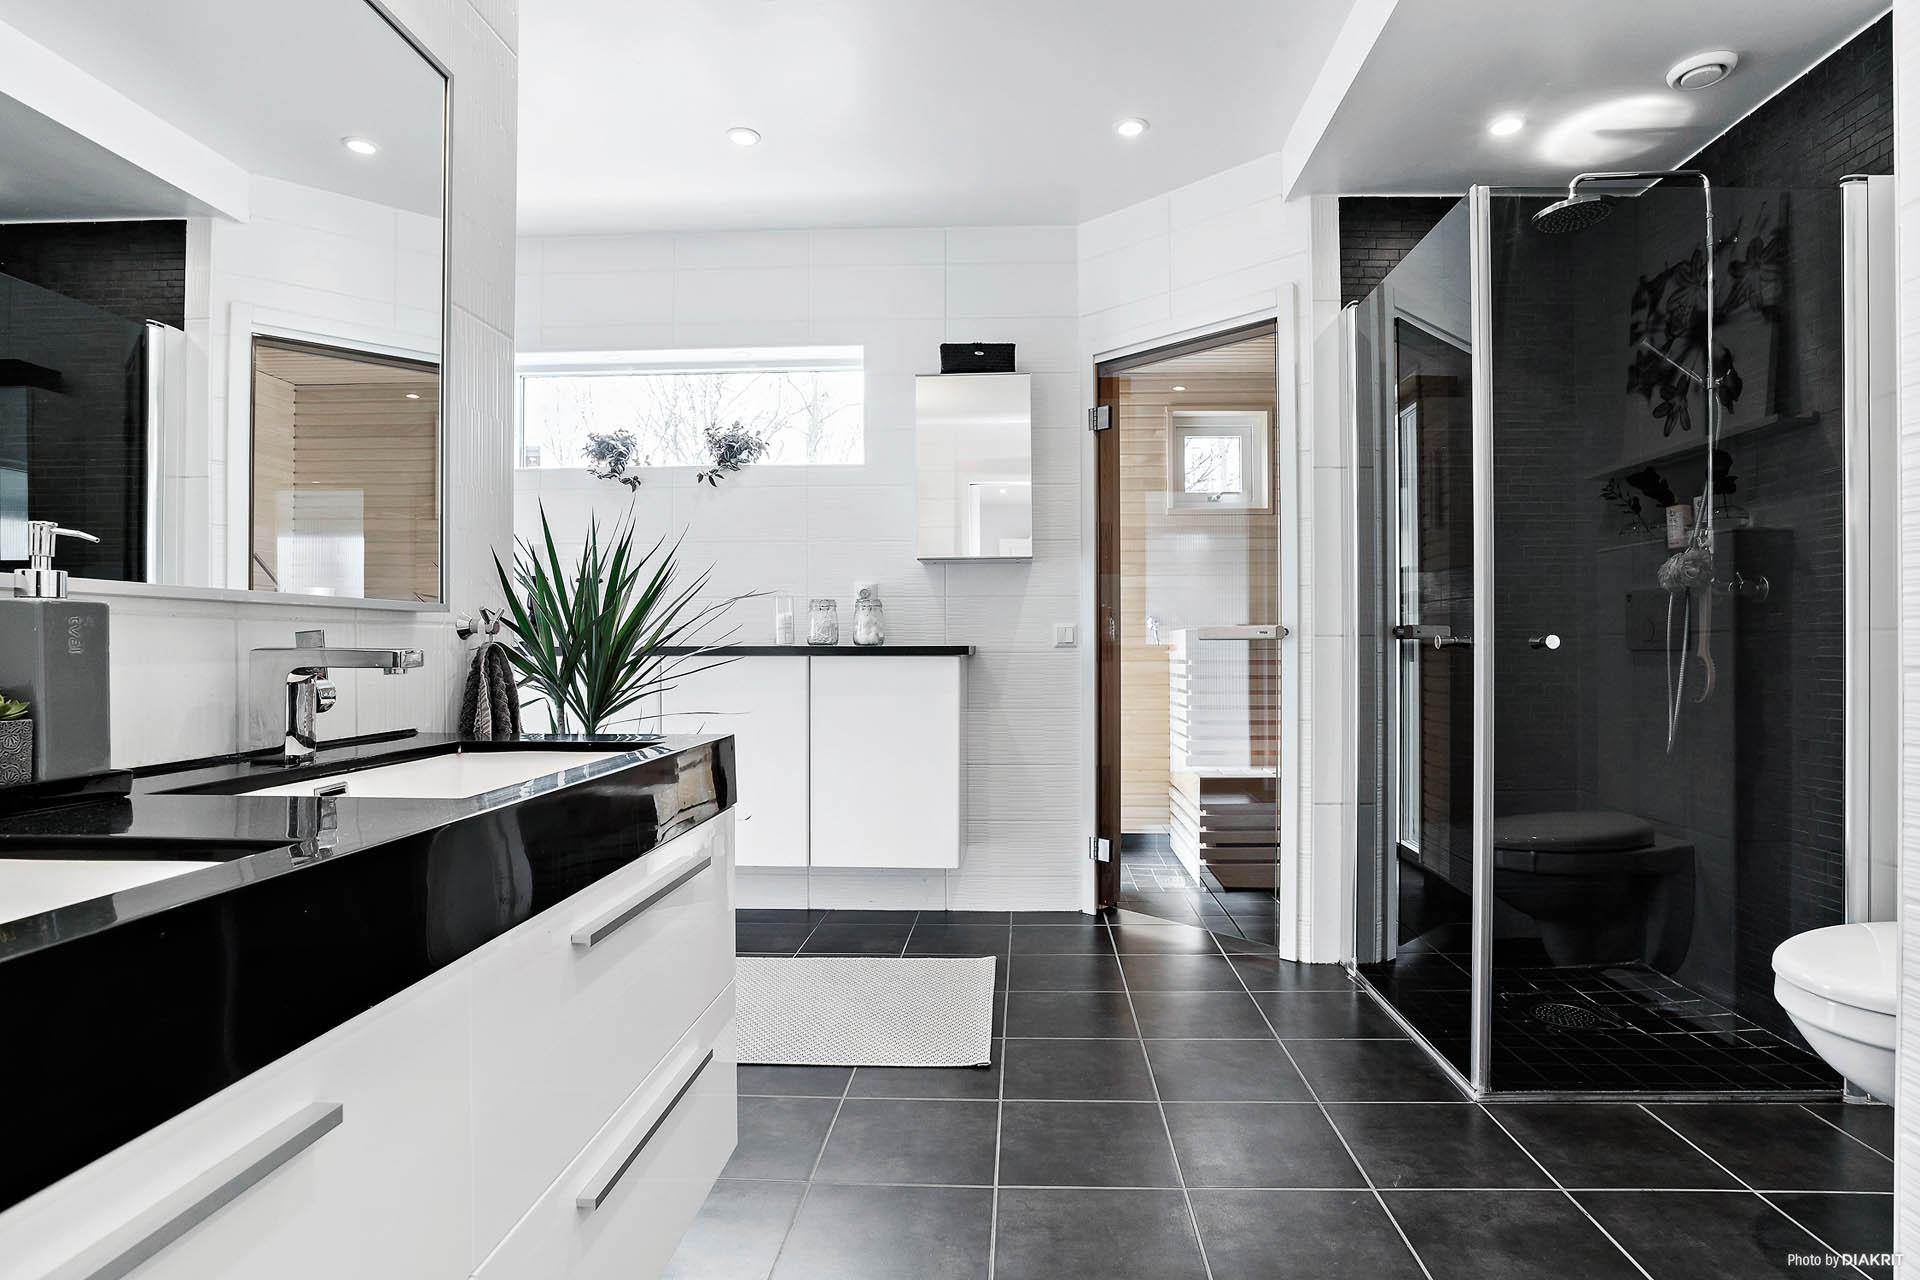 Helkaklat bad- och duschrum med bastu och bubbelbadkar.